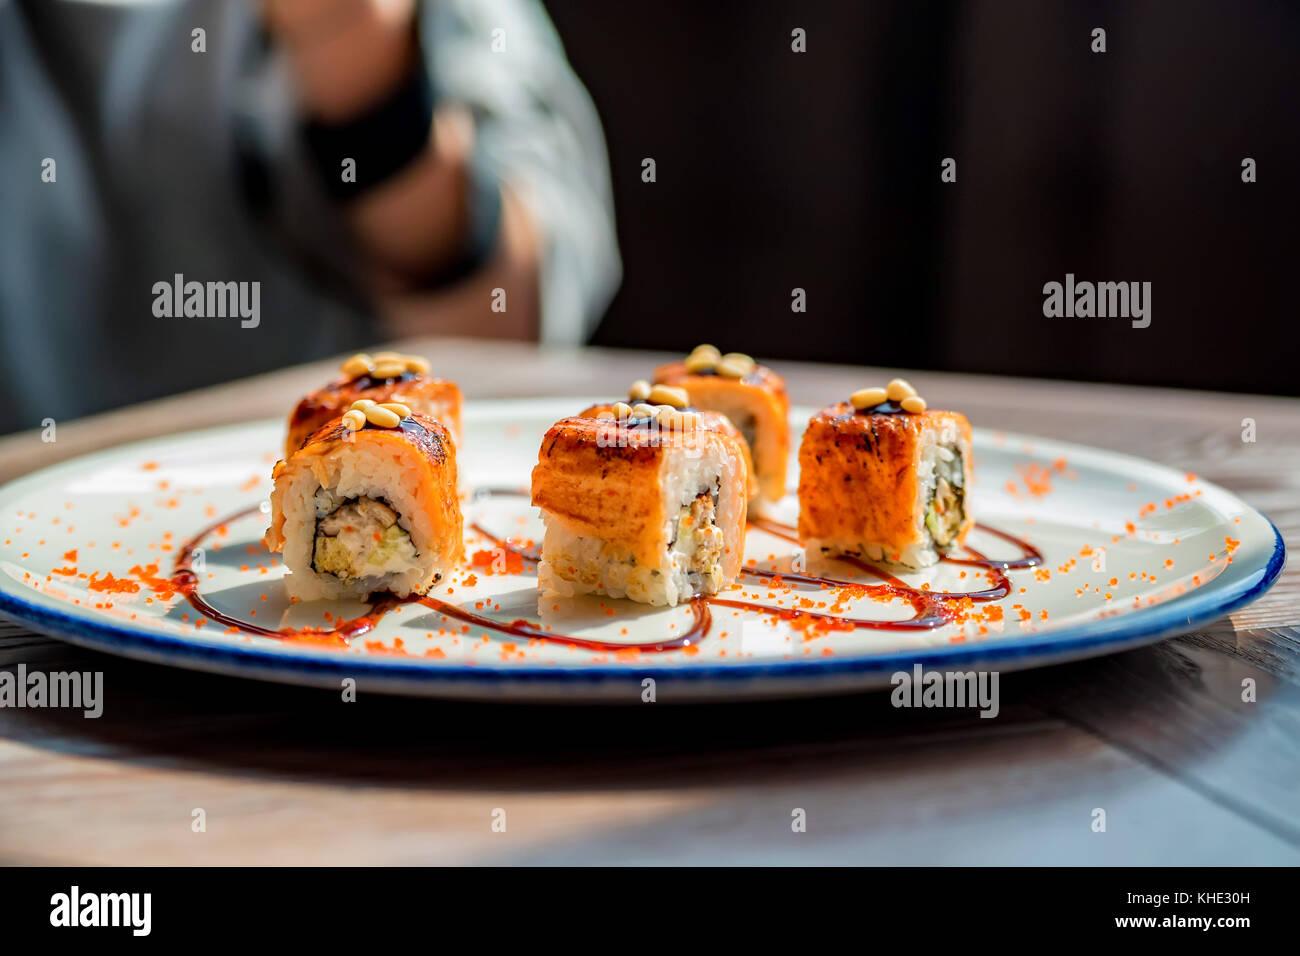 Cibo fotografo prende picure di sushi rotoli Immagini Stock